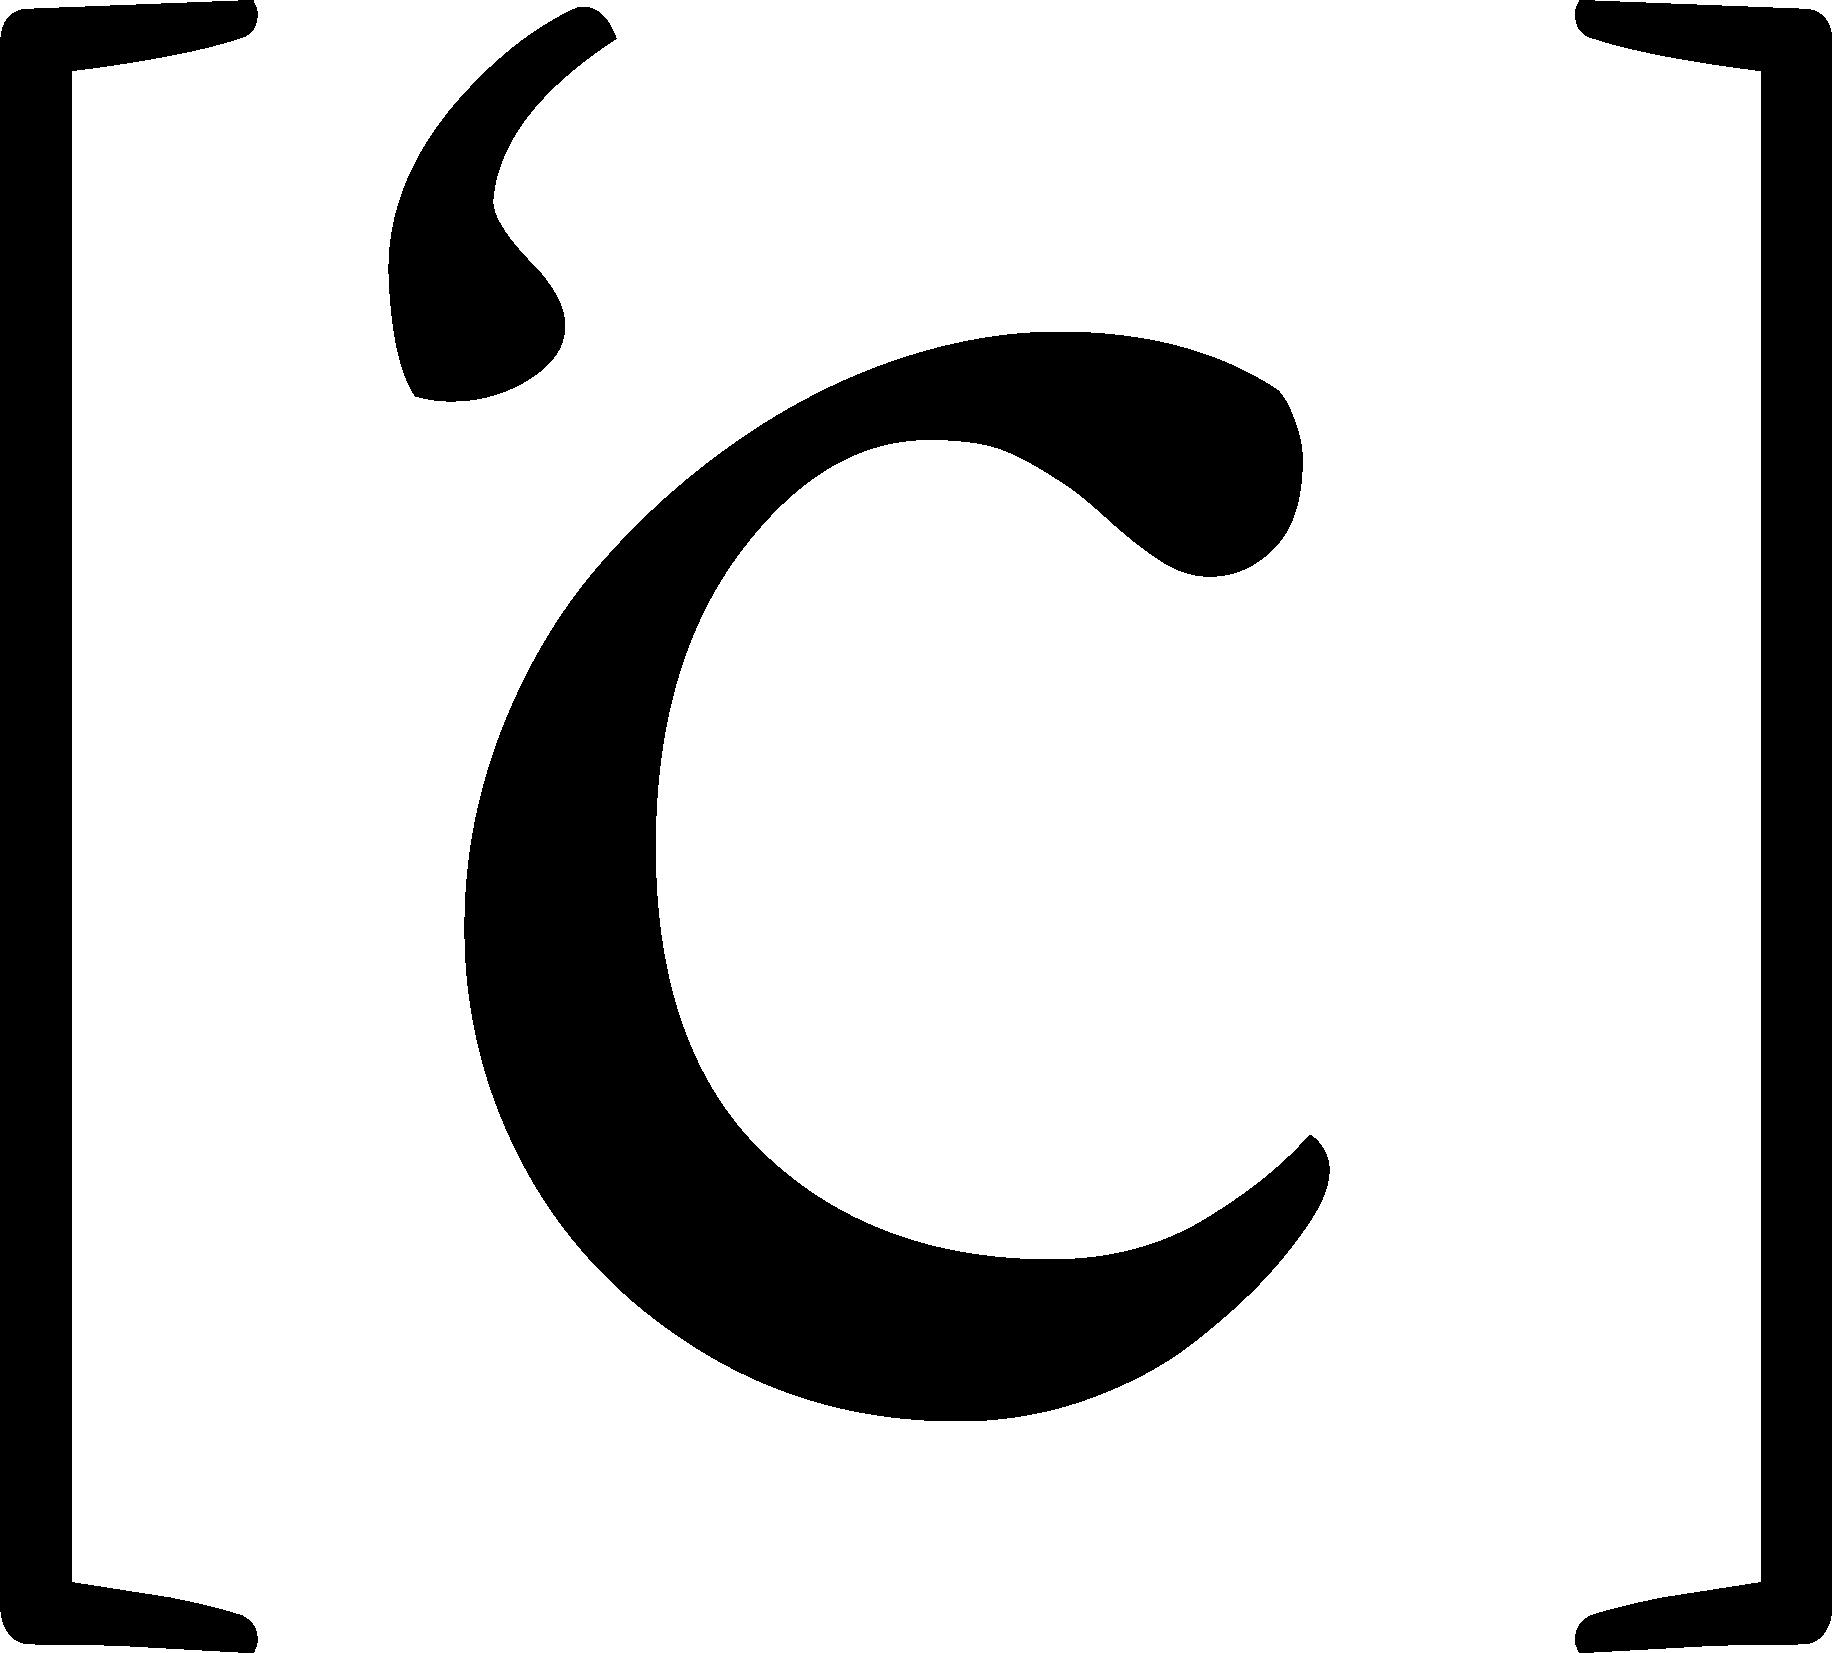 consyder